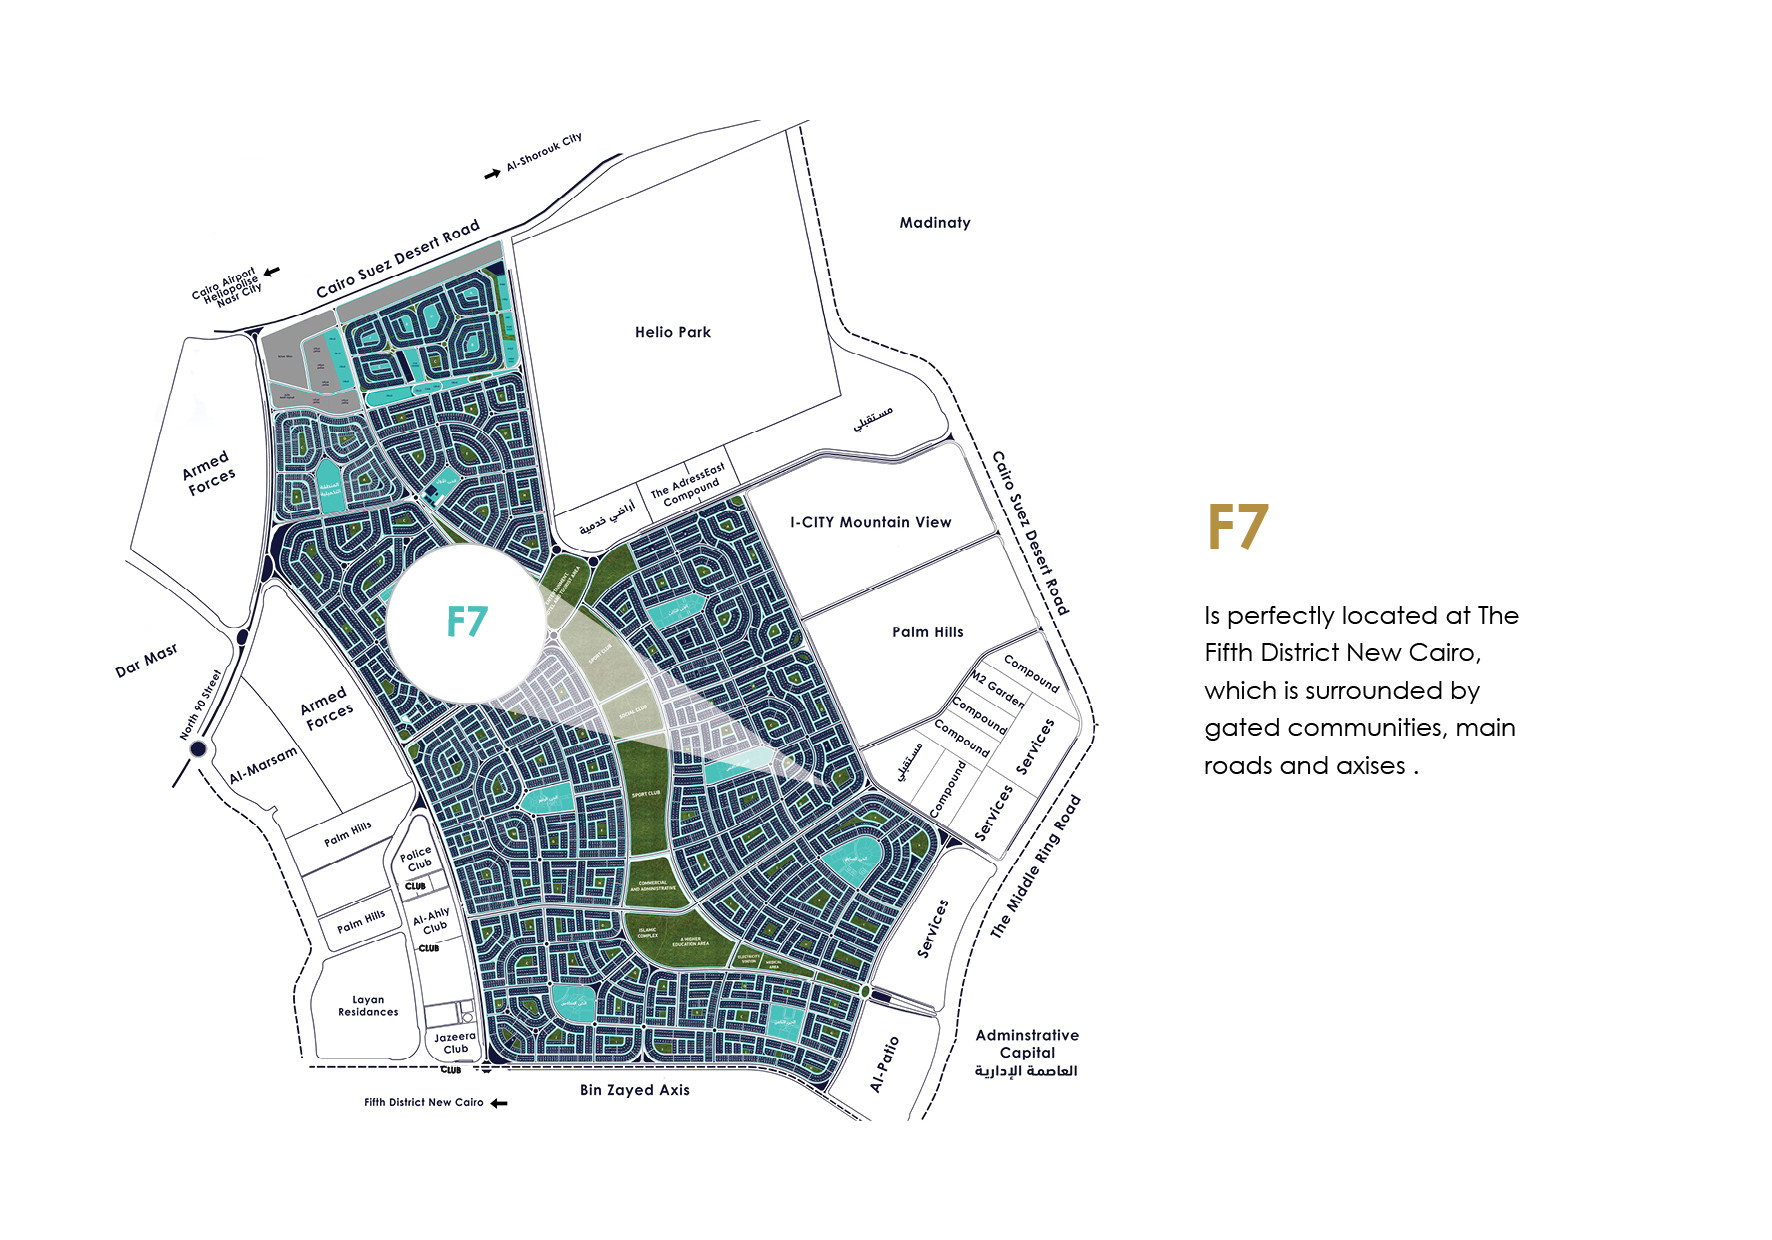 مشروع f7 الحى الخامس - بيت الوطن